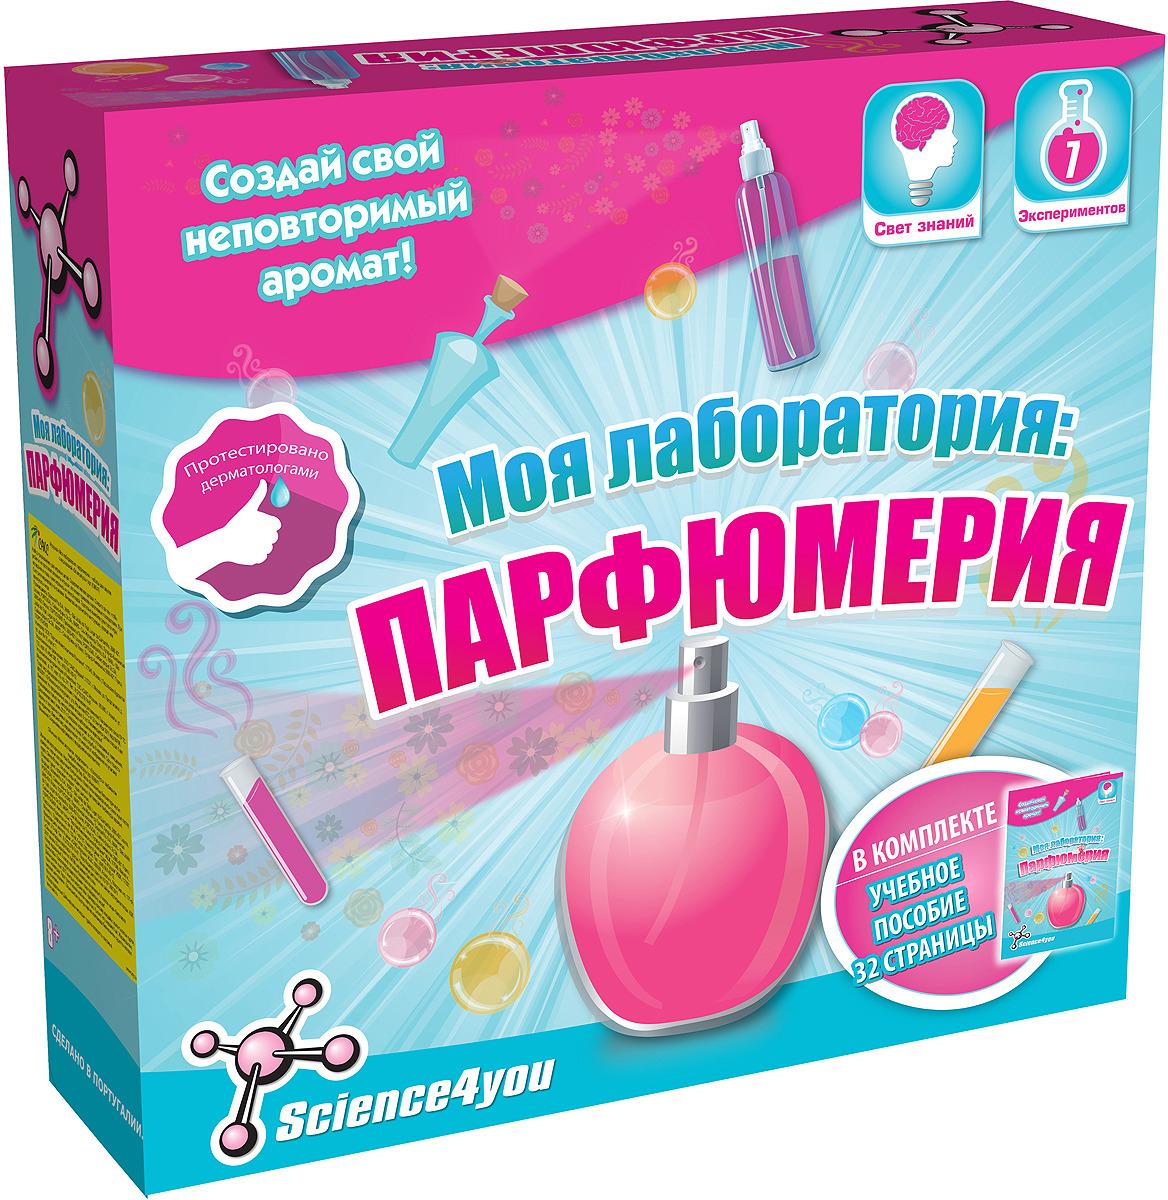 Science4You Набор для создания духов Моя лаборатория Парфюмерия парфюмерия юа подделка